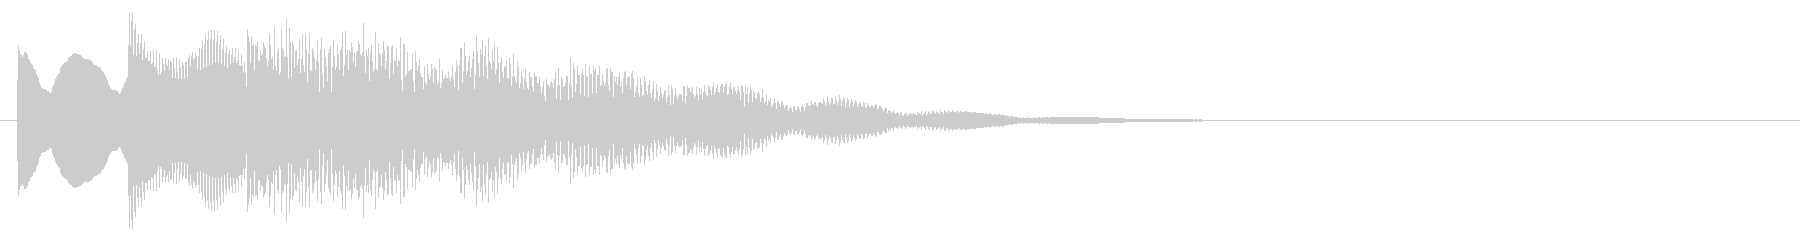 マレット系 キャンセル音6(中)の未再生の波形